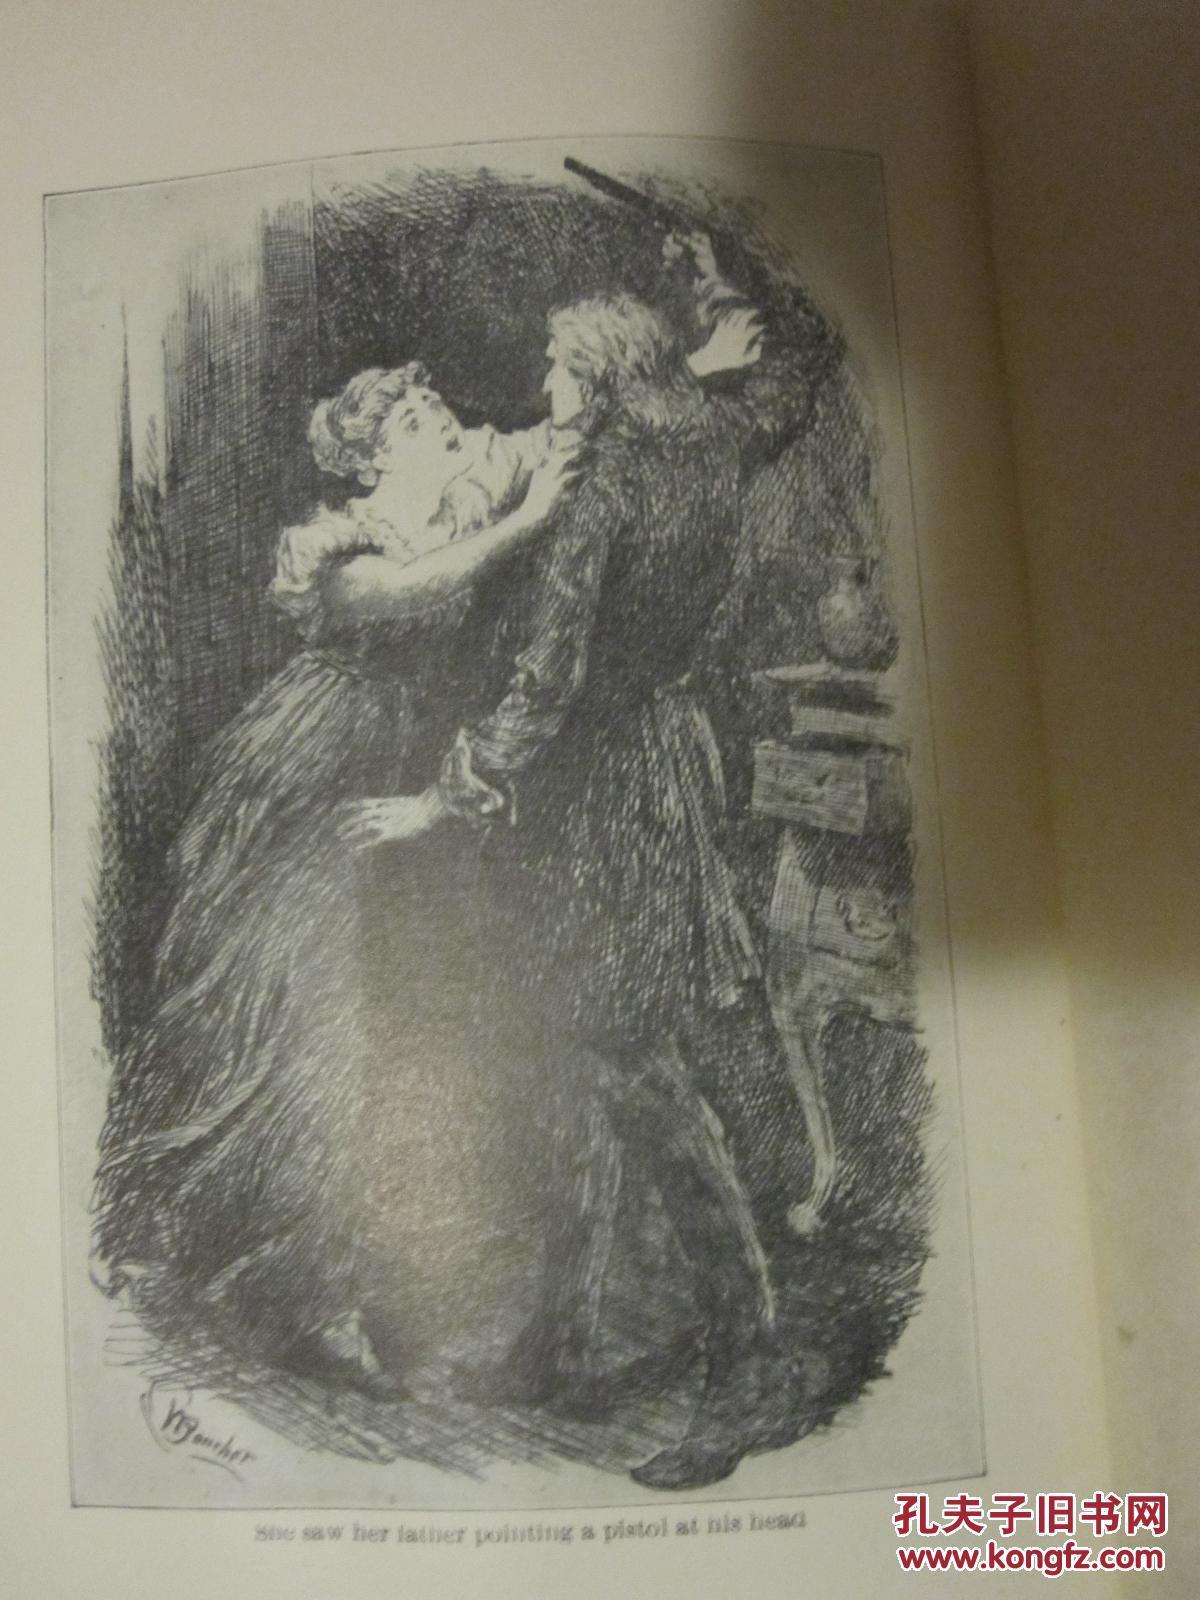 茺#.K????N{??K?>???i?_《巴尔扎克文集》之卷一《驴皮记》(the magic s k i n),英文原版,750